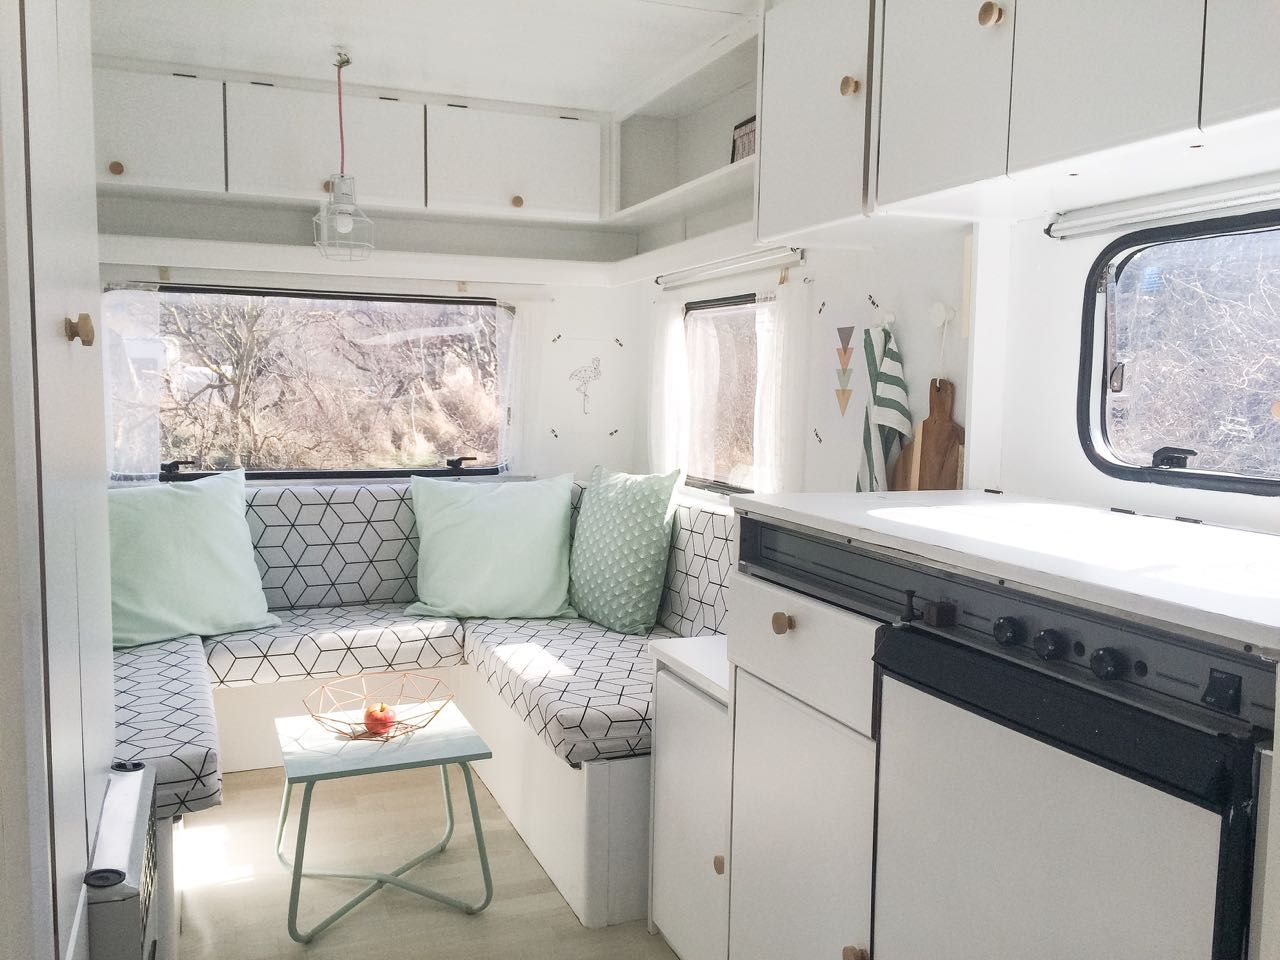 hnliches foto camper pinterest wohnwagen wohnwagen makeover und wohnwagen renovieren. Black Bedroom Furniture Sets. Home Design Ideas